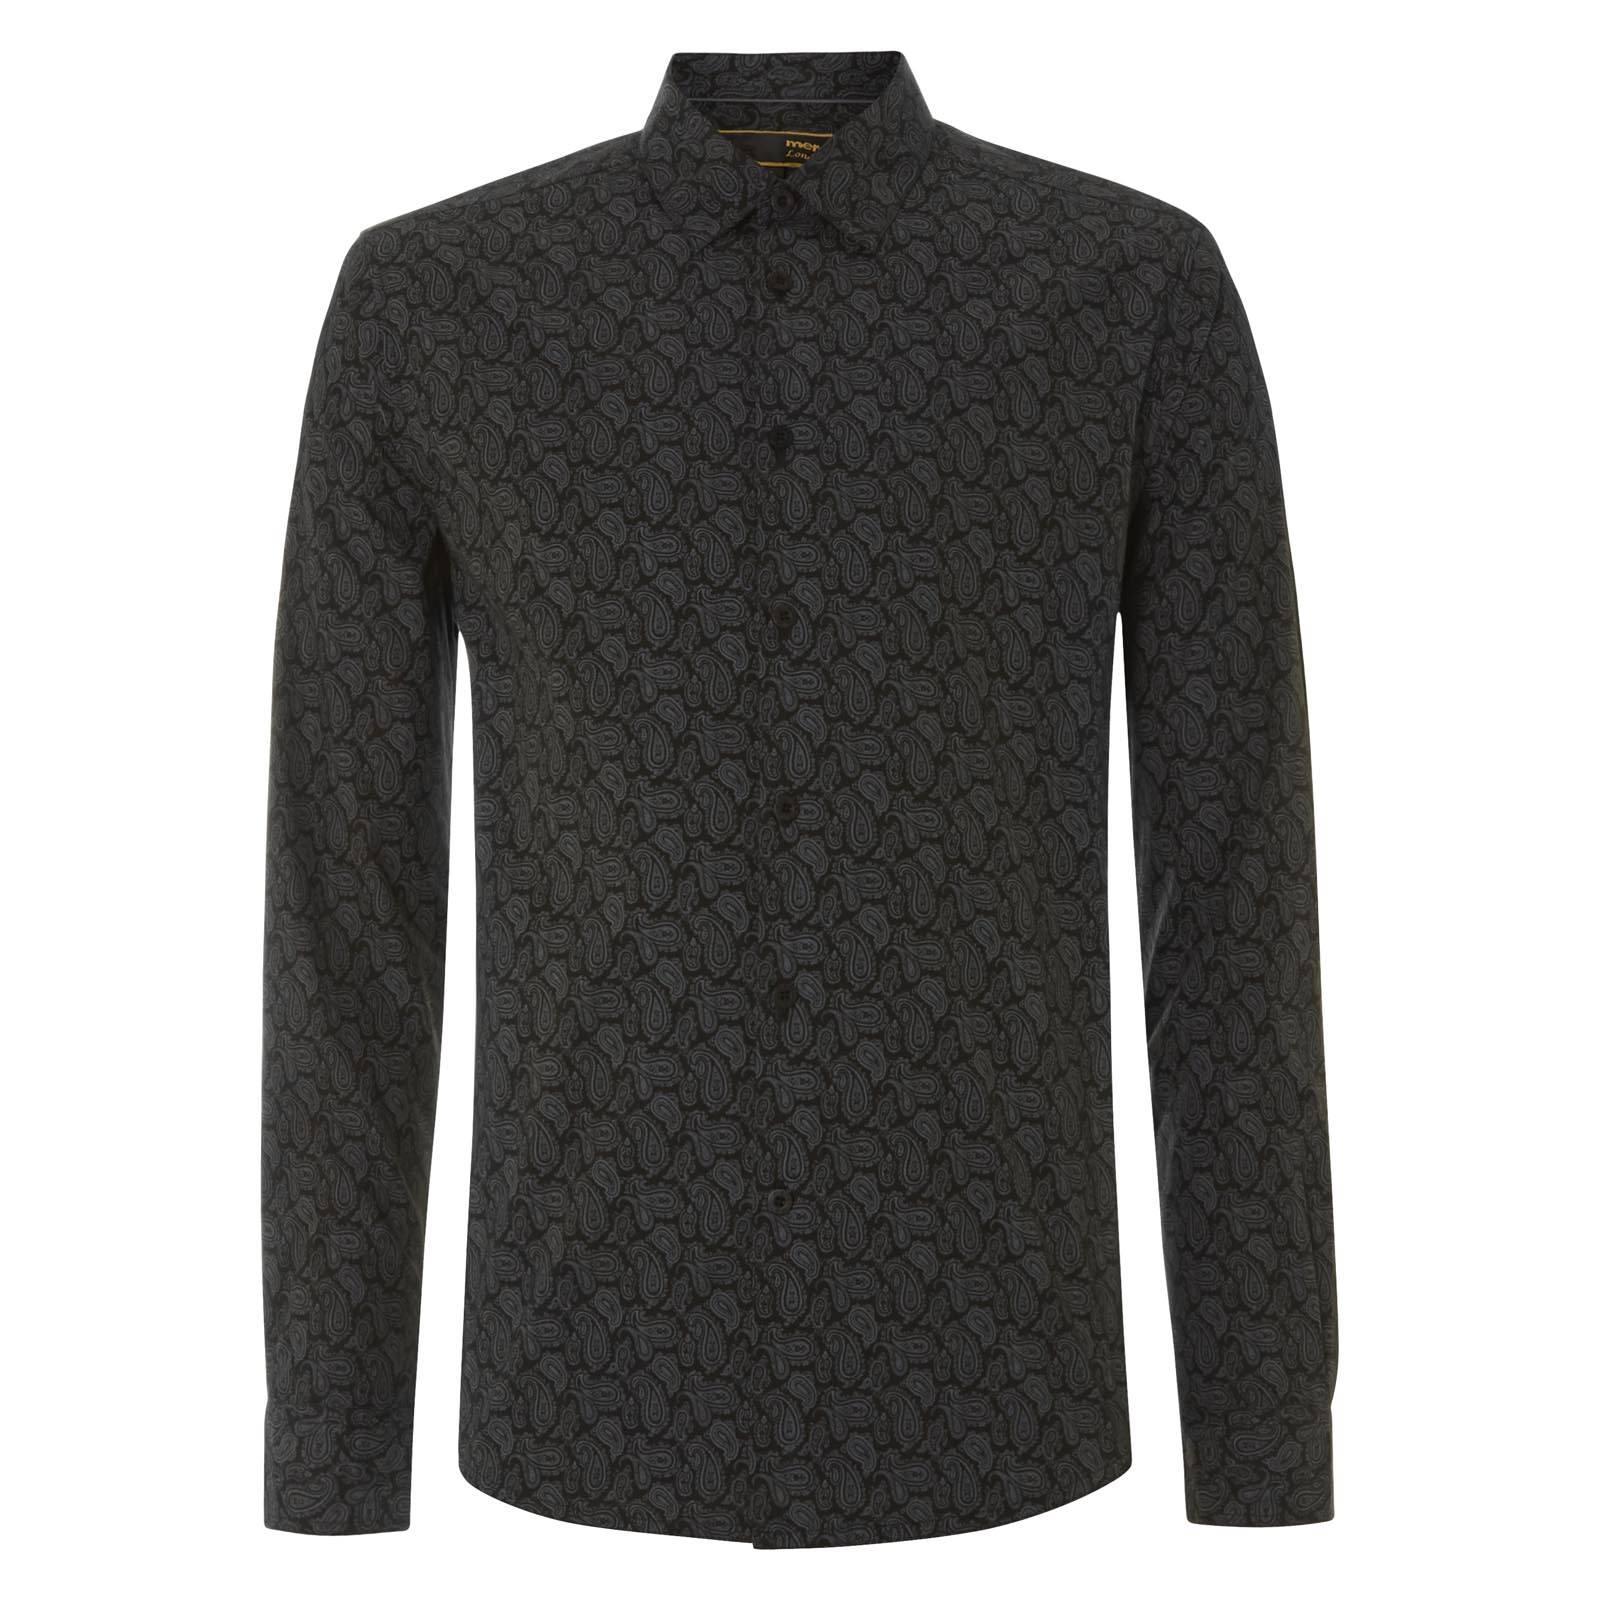 Рубашка YorkРубашки<br>Приталенного покроя мужская рубашка с благородным классическим орнаментом «пейсли» и универсальным отложным воротником  «Кент», концы которого направлены вниз, образуя между собой острый треугольник.  Воротник этого типа оптимален для большинства галстуков или бабочек. Рубашка имеет фигурный низ с удлиненной спинкой, позволяющей комфортно заправлять ее в брюки, однако красиво смотрится и при ношении навыпуск.  Эта элегантная модель будет уместна как в фешенебельном smart casual луке в сочетании с прилегающим пиджаком и остроносыми ботинками Дерби на торжественном мероприятии или статусной встрече, так и в более демократичном варианте – с кардиганом на пуговицах,  V-образным свитером и брогами на ногах.<br><br>Артикул: 1514202<br>Материал: 100% хлопок<br>Цвет: черный<br>Пол: Мужской